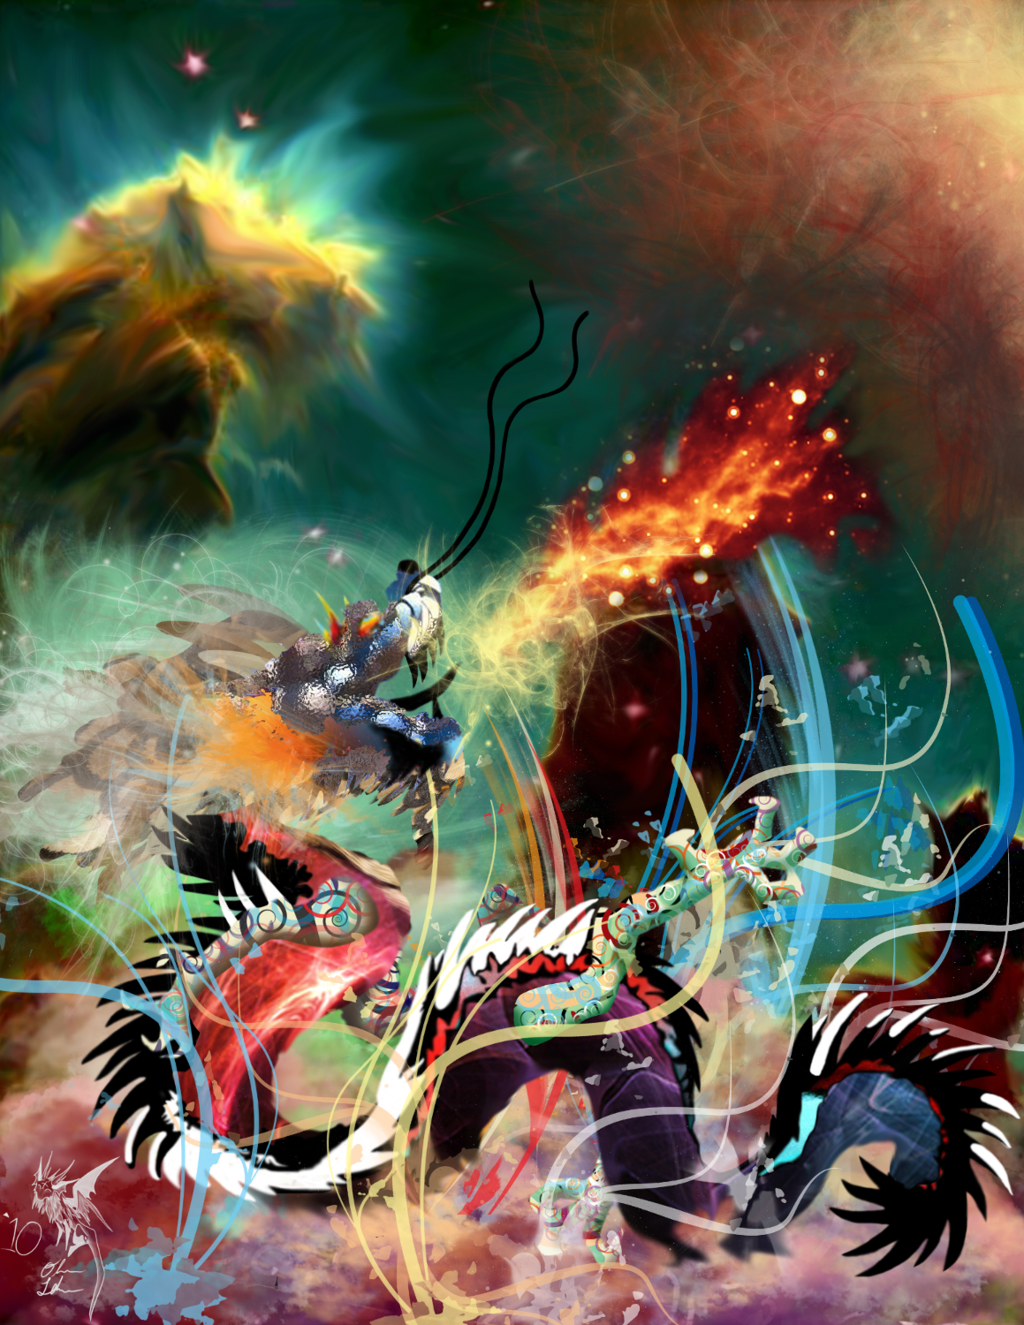 Featured image: Nebula Dragon